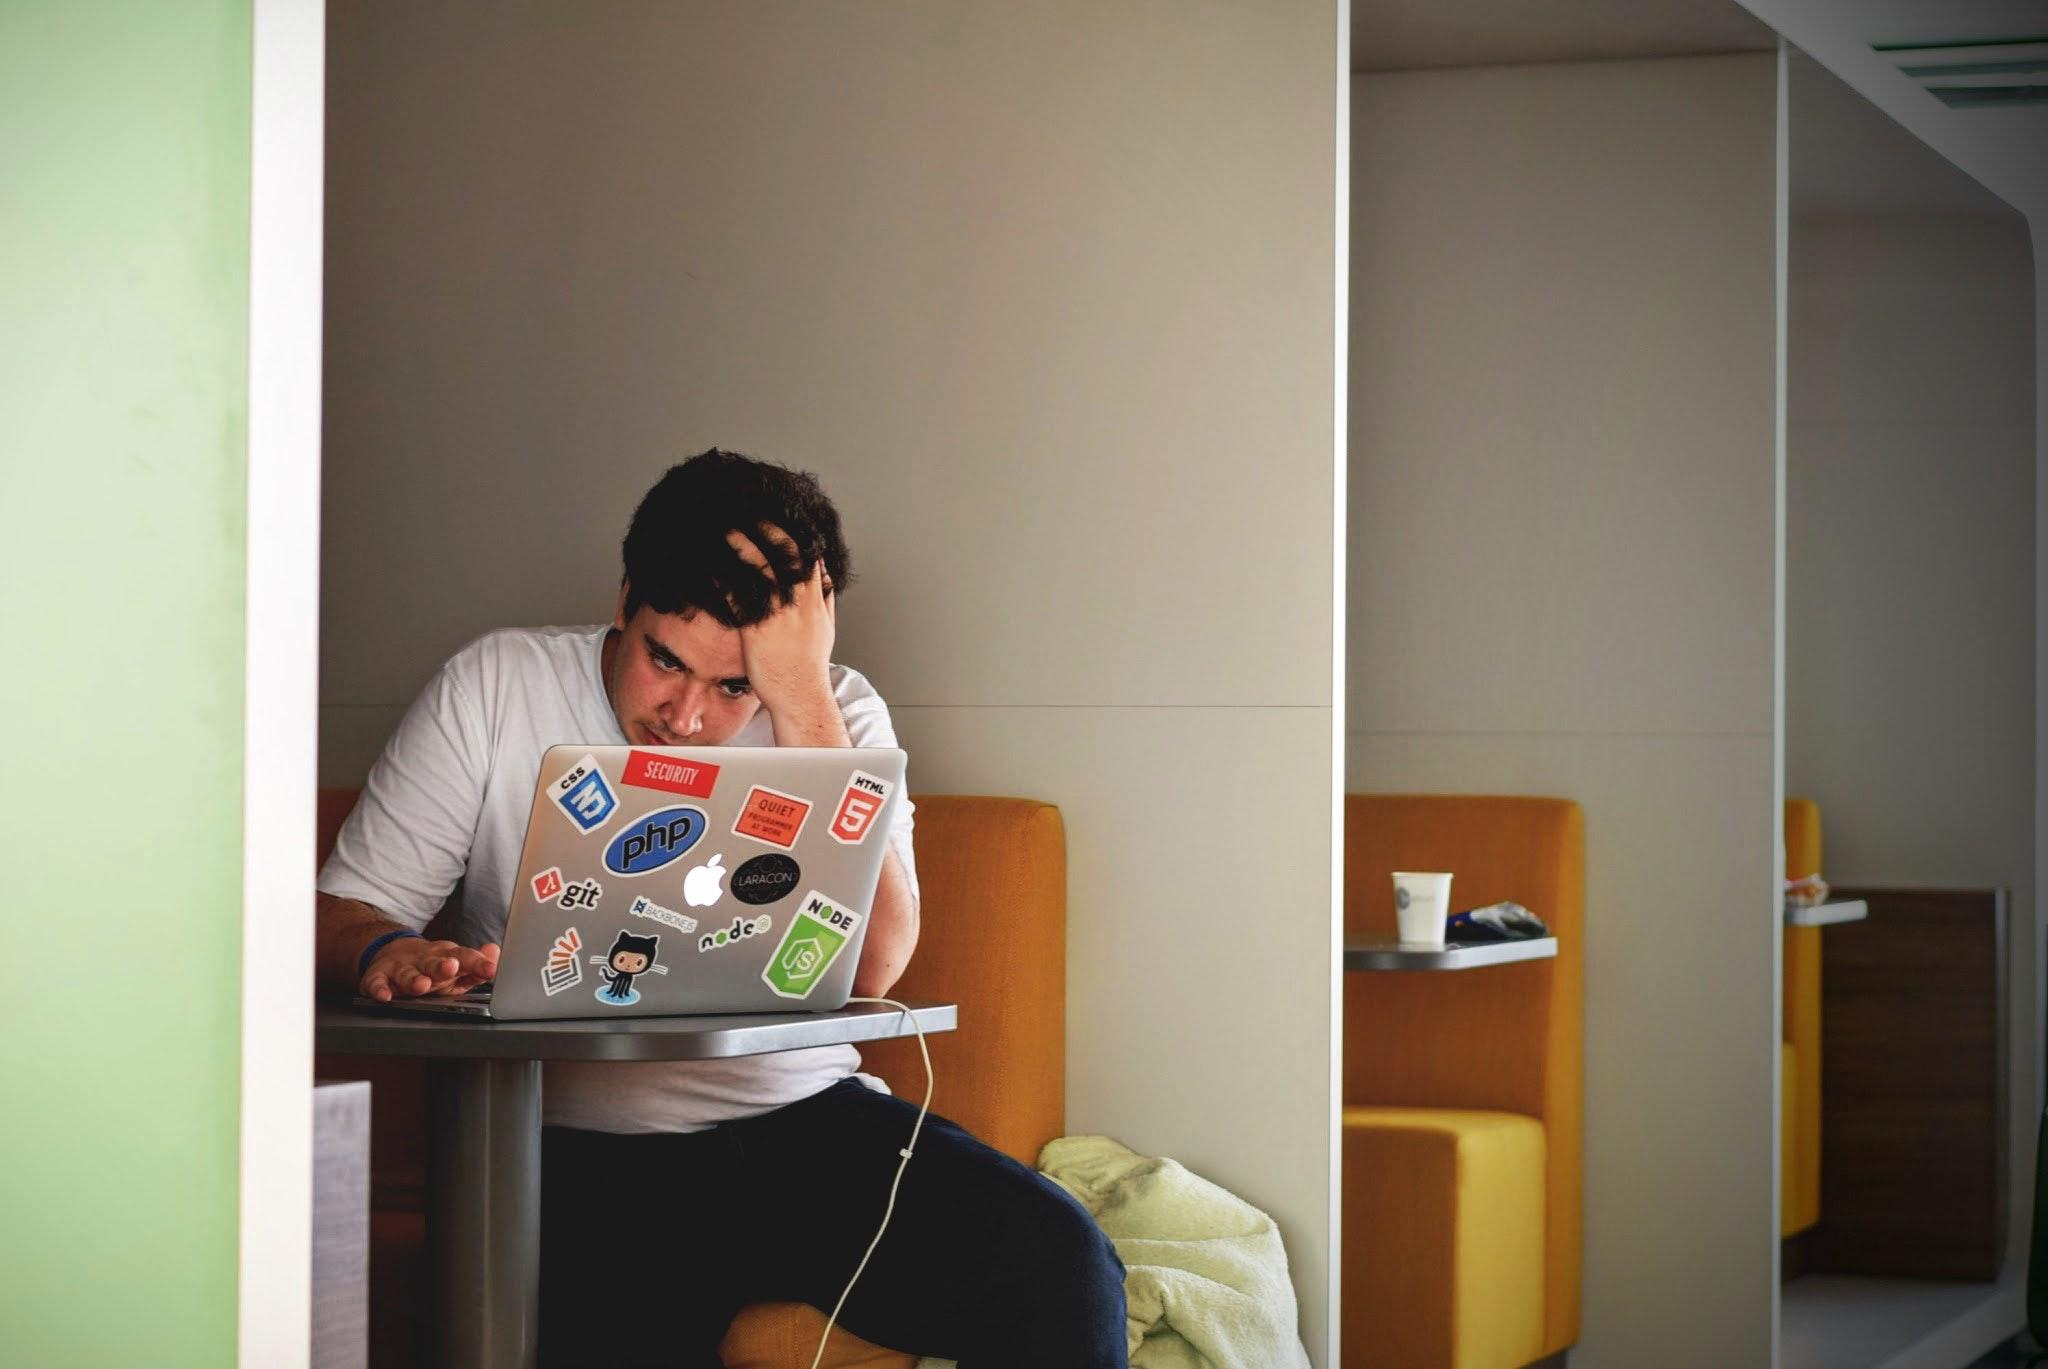 Lęk związany z restrukturyzacją to realny czynnik, który z psychologicznego punktu widzenia może podwyższać poziom stresu. (fot. pexels.com/domena publiczna)